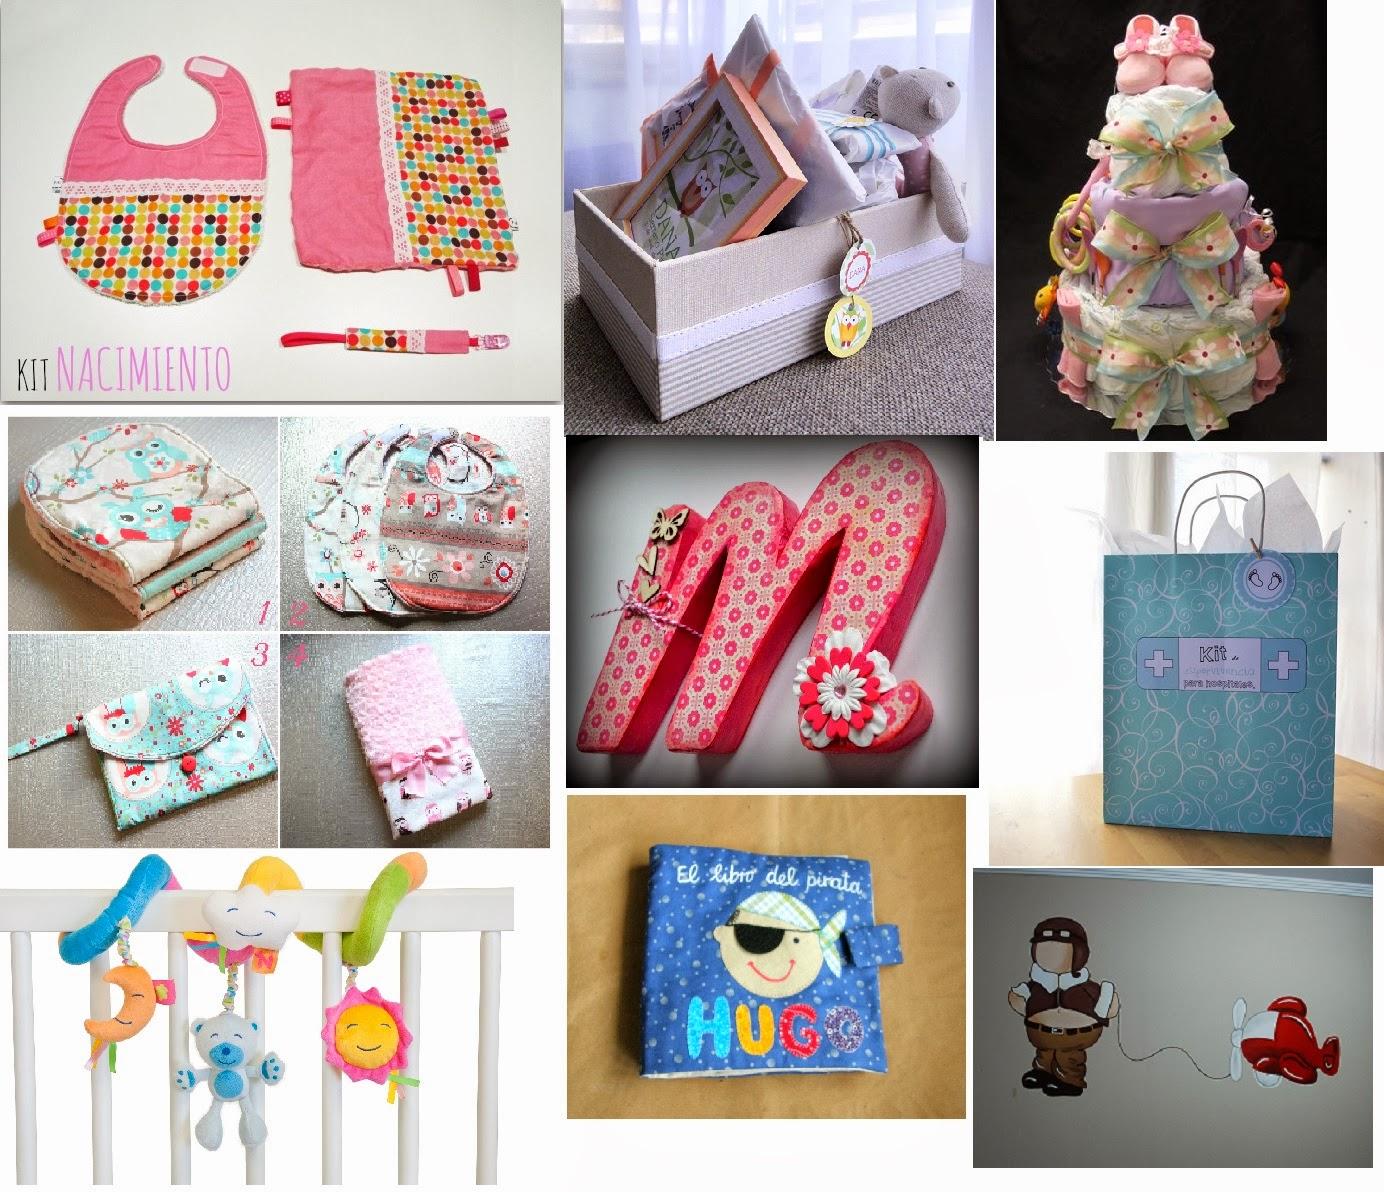 http://www.facilisimo.com/eleojota/blog/manualidades/ideas-diy/inspiraciones-ideas-de-regalos-para-bebes_1078384.html